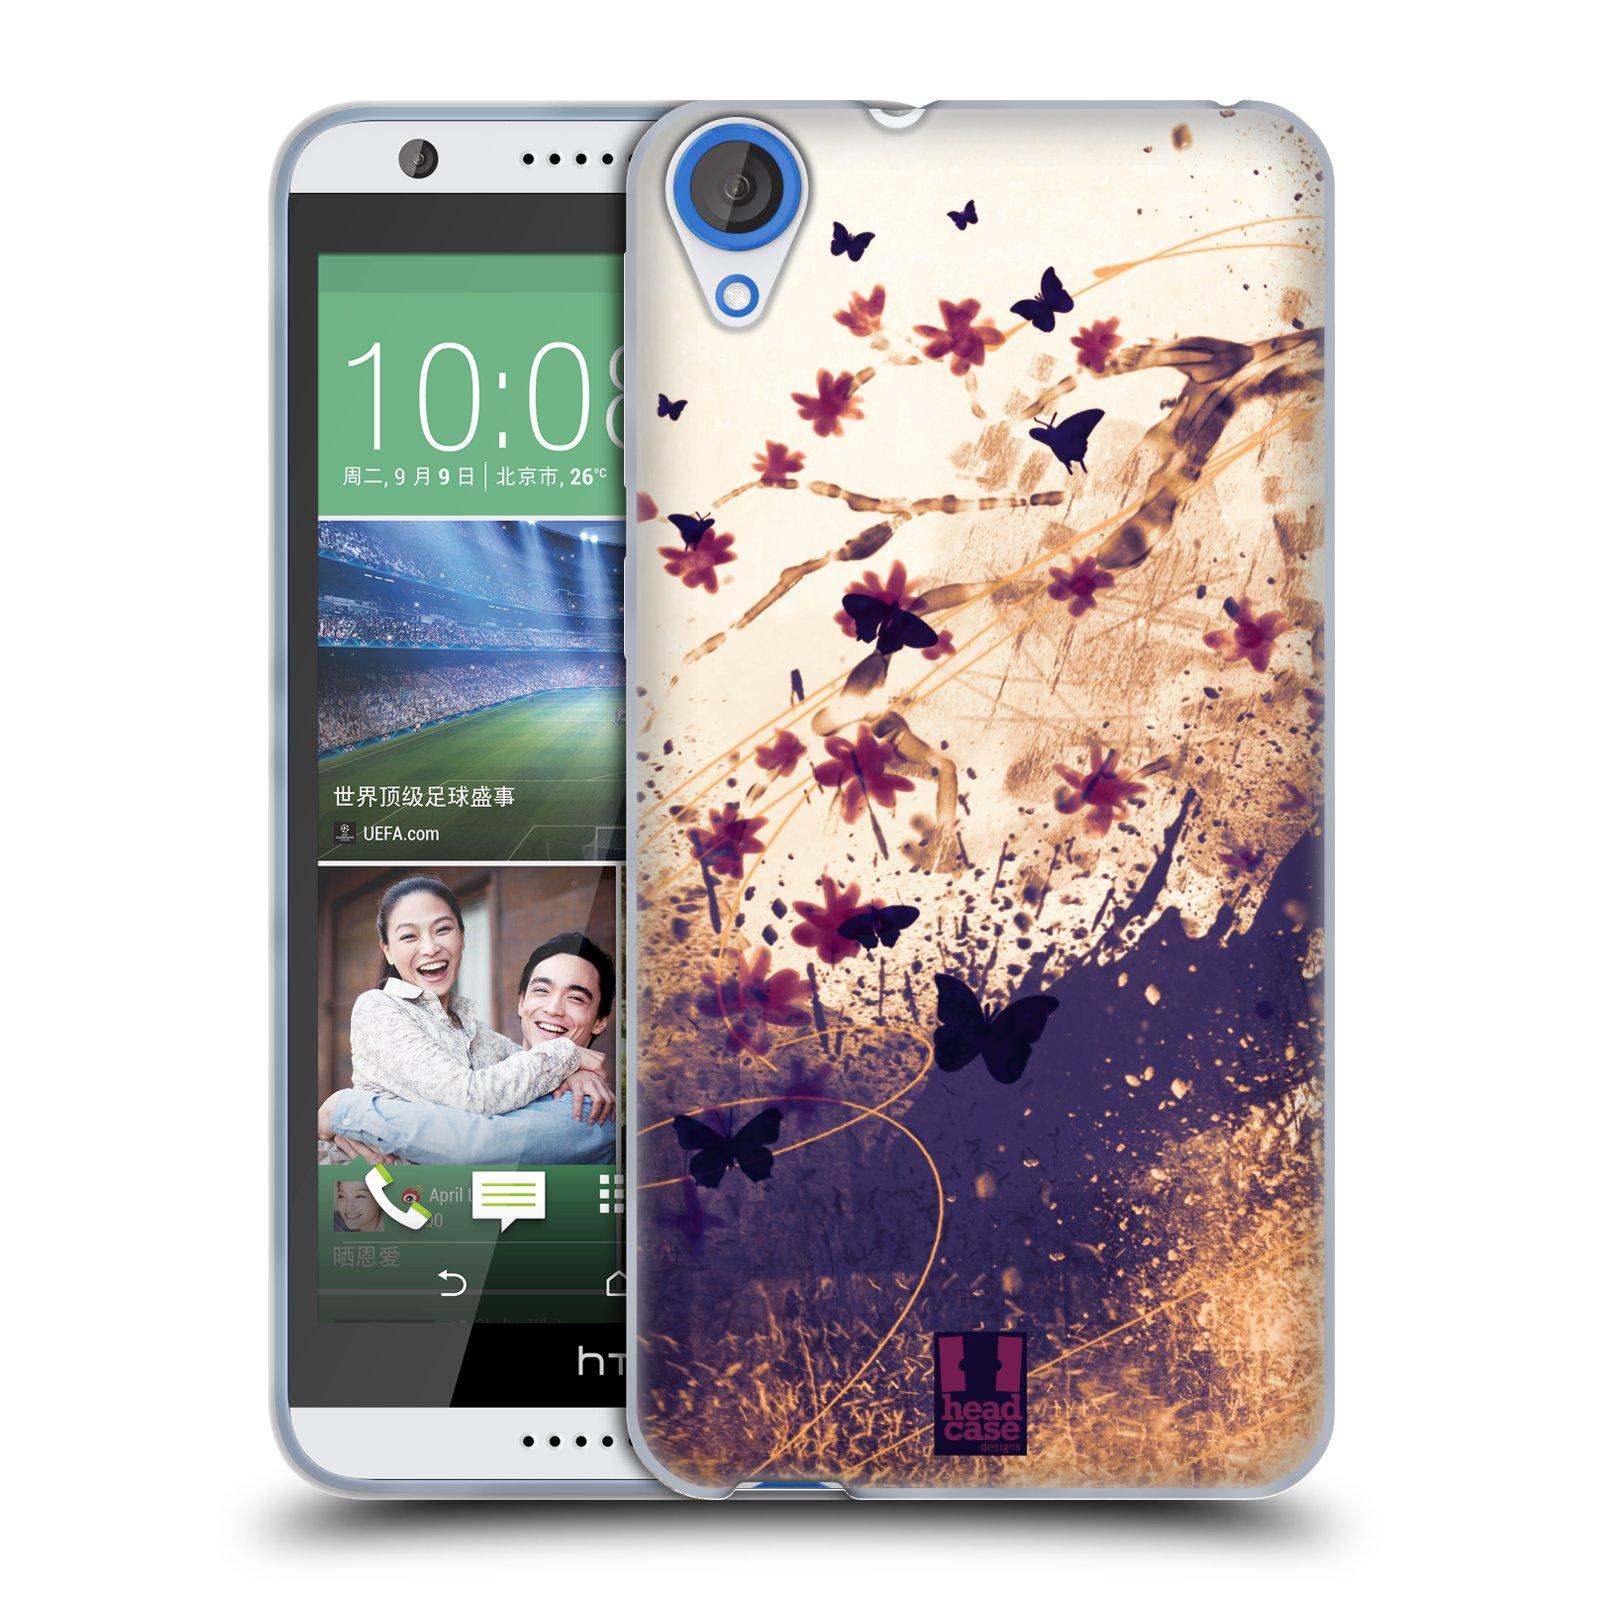 Silikonové pouzdro na mobil HTC Desire 820 HEAD CASE MOTÝLCI (Silikonový kryt či obal na mobilní telefon HTC Desire 820)